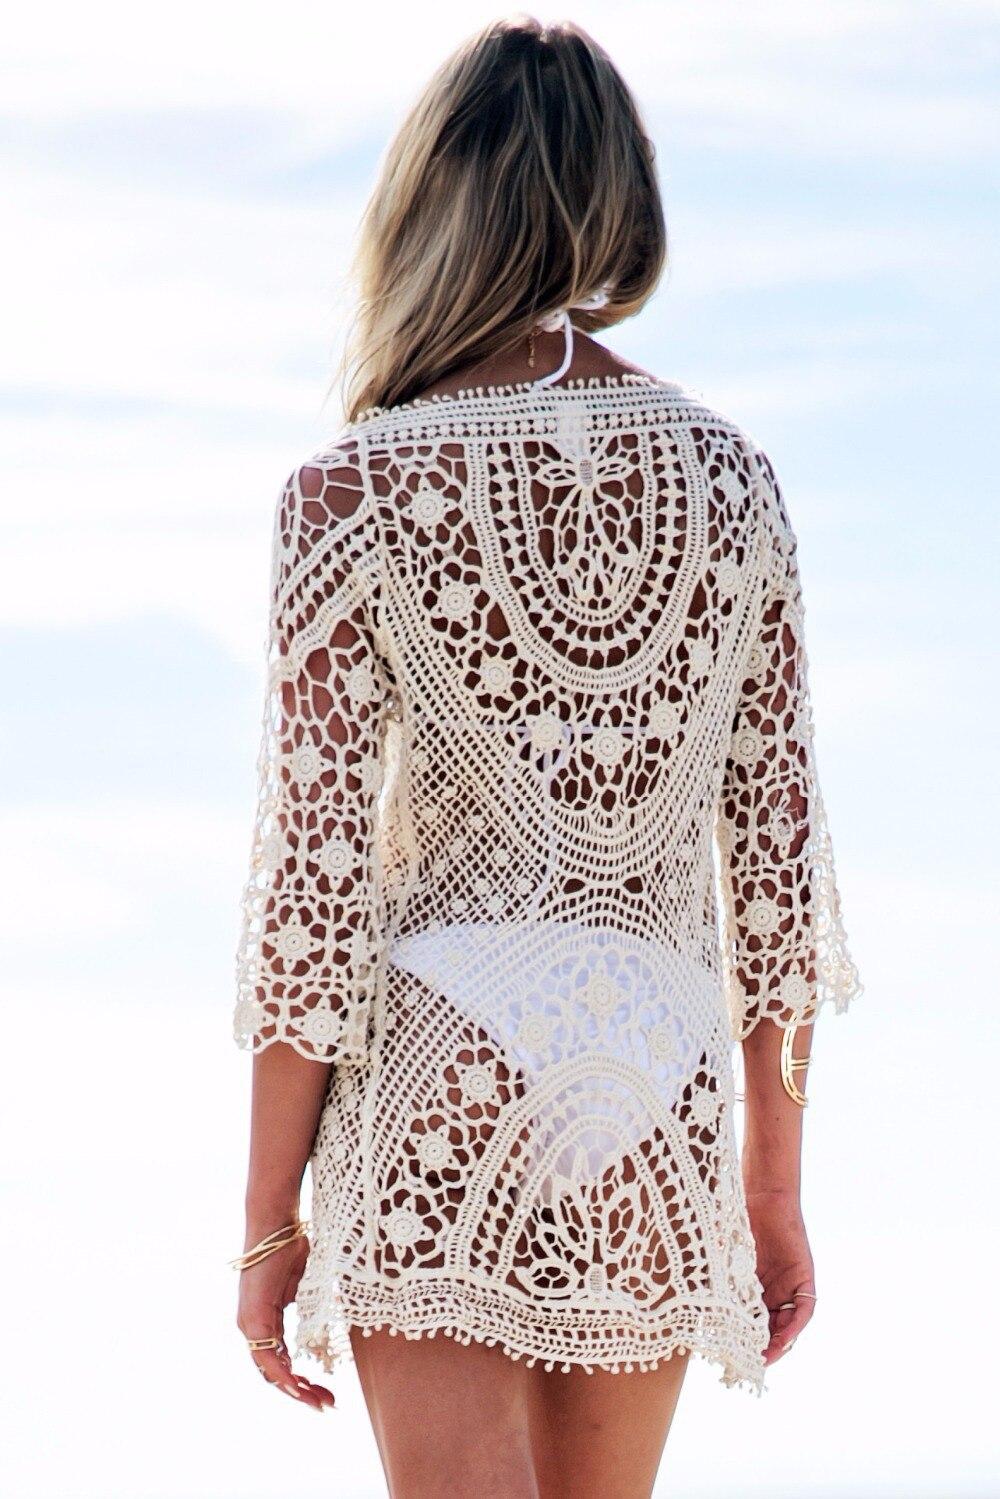 New 2018 Women Sexy Bikini Swimwear Cover Up Beach Dress Lace Shirt Hollow out Backless Jumpsuits Beachwear 1